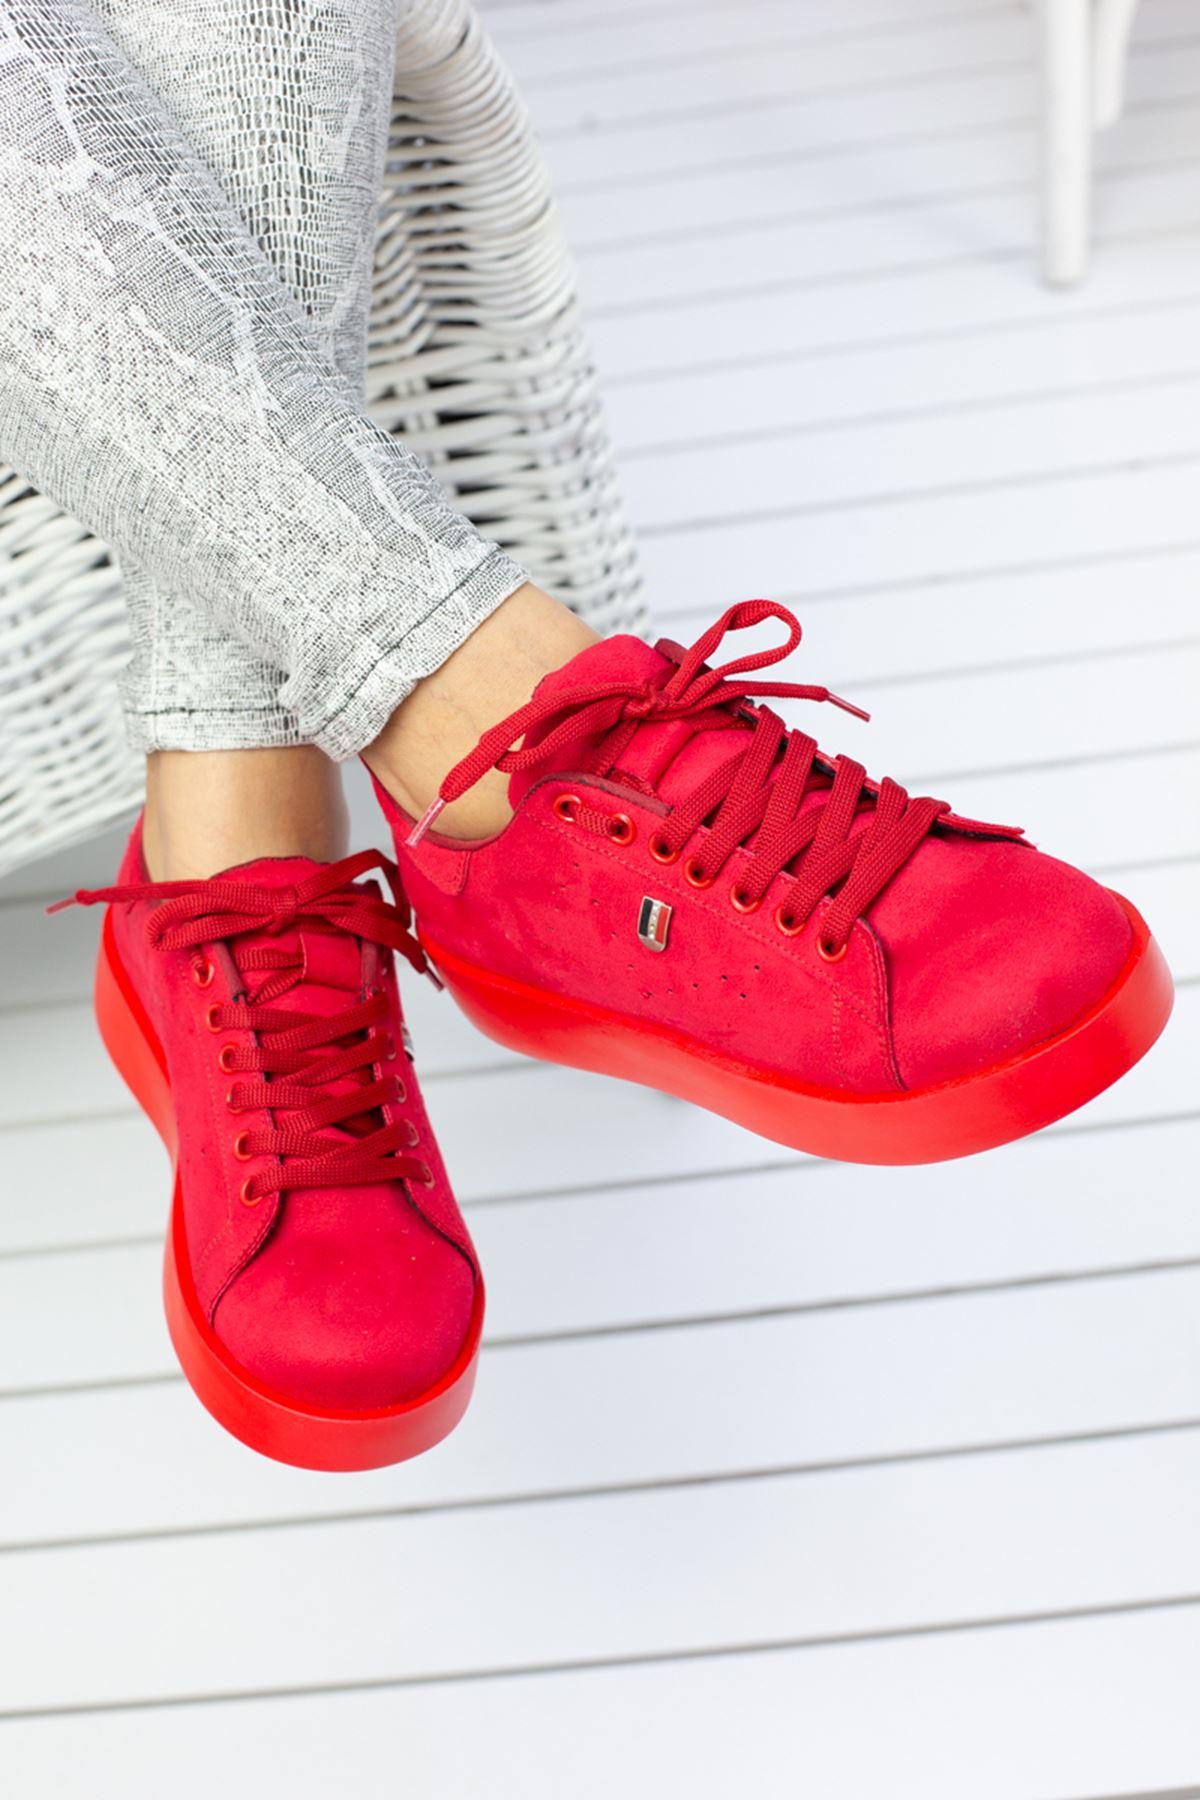 Luis Kırmızı Süet Ortapedik Bayan Spor Ayakkabı